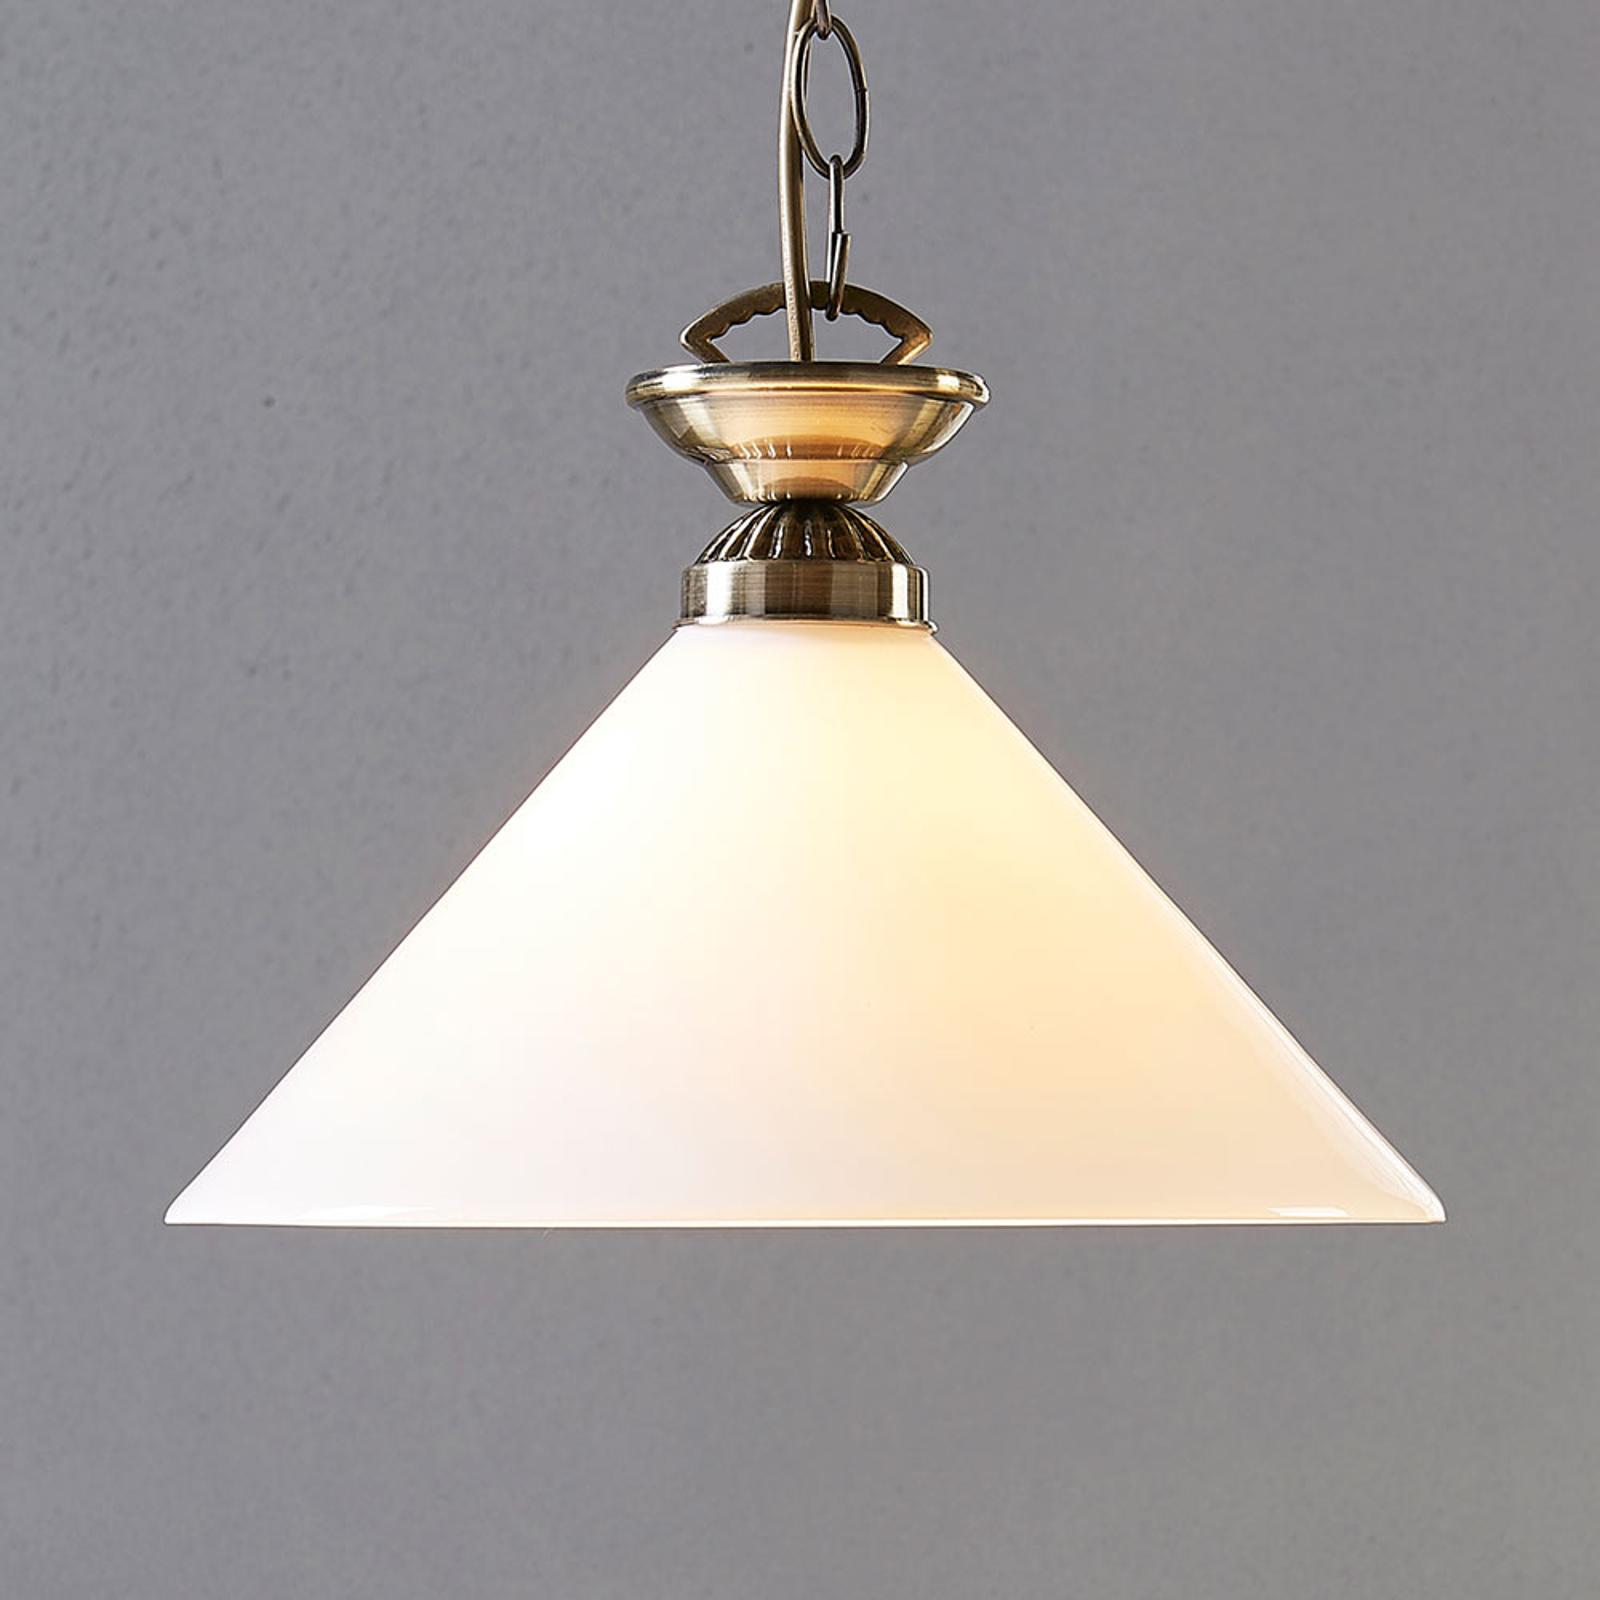 Szklana lampa wisząca Otis w kol. post. mosiądzu